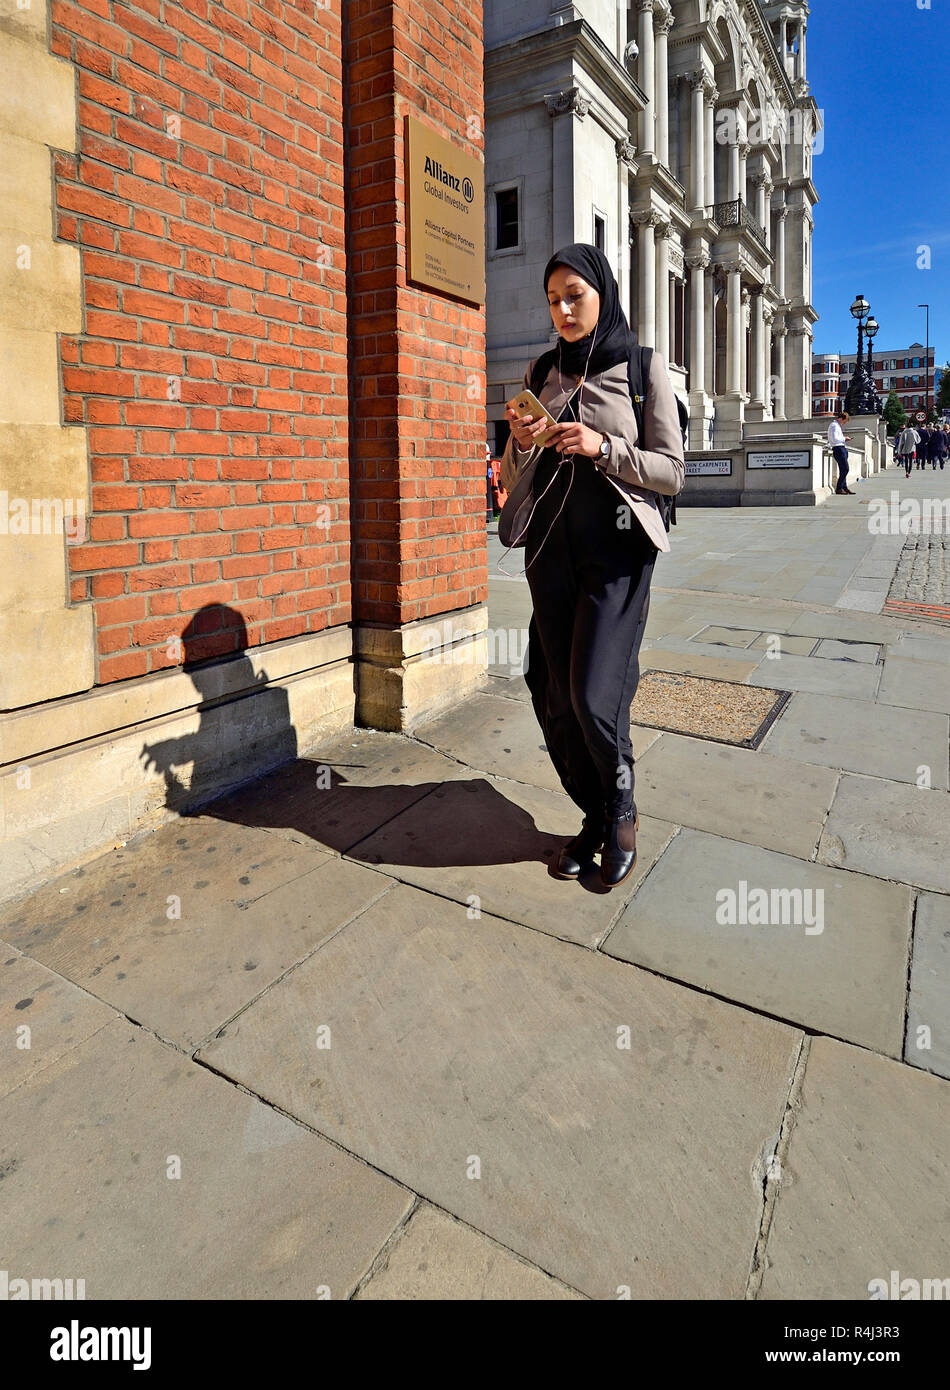 fcfb39c37171 Femme dans un foulard en utilisant son téléphone mobile, le centre de  Londres, Angleterre